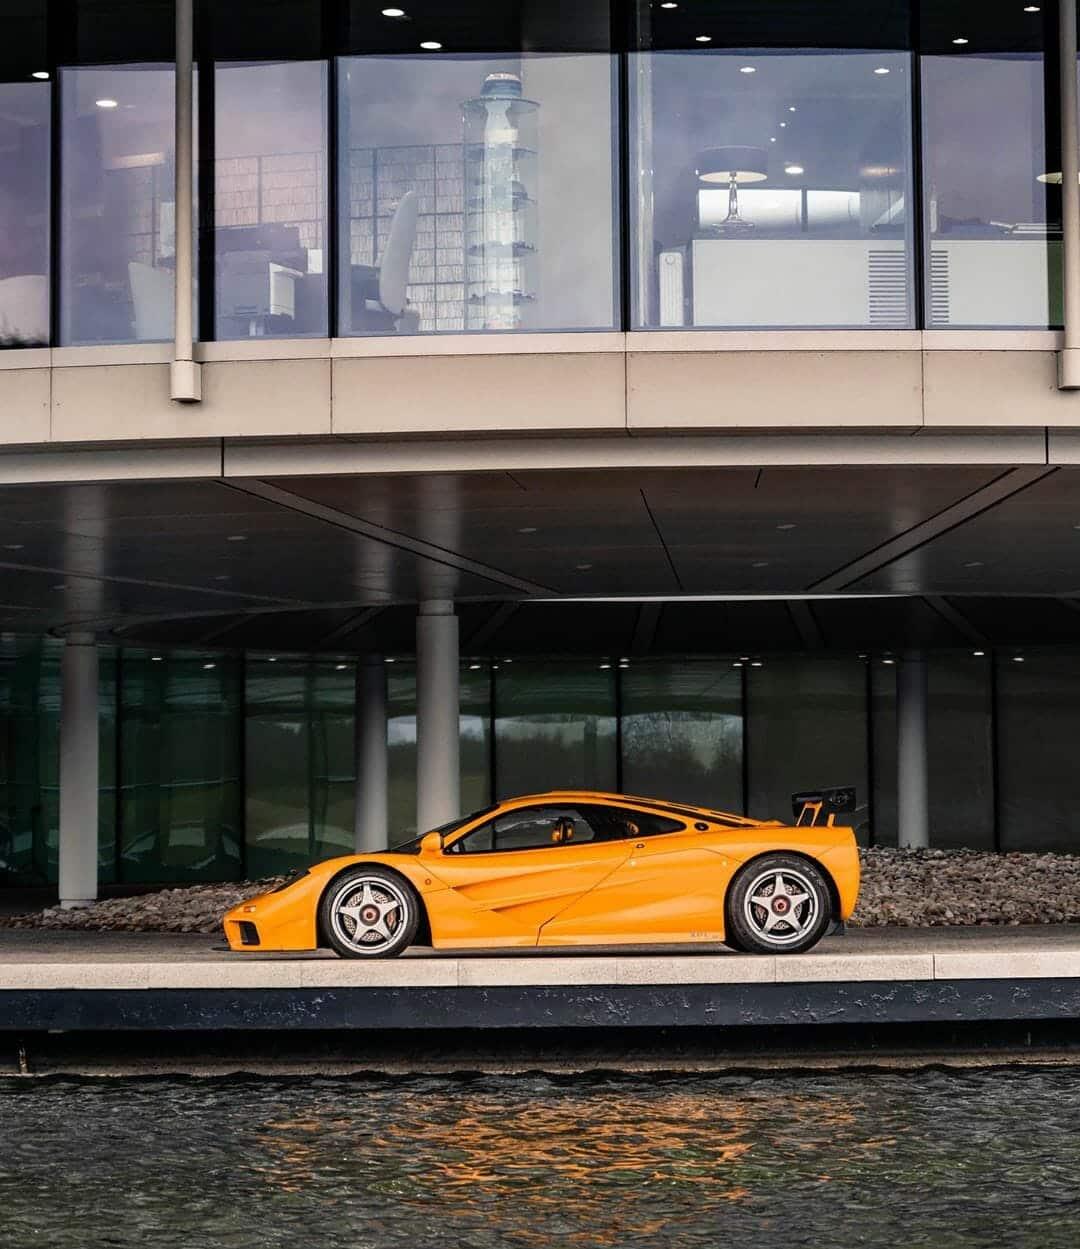 McLaren F1 LM - Image 4